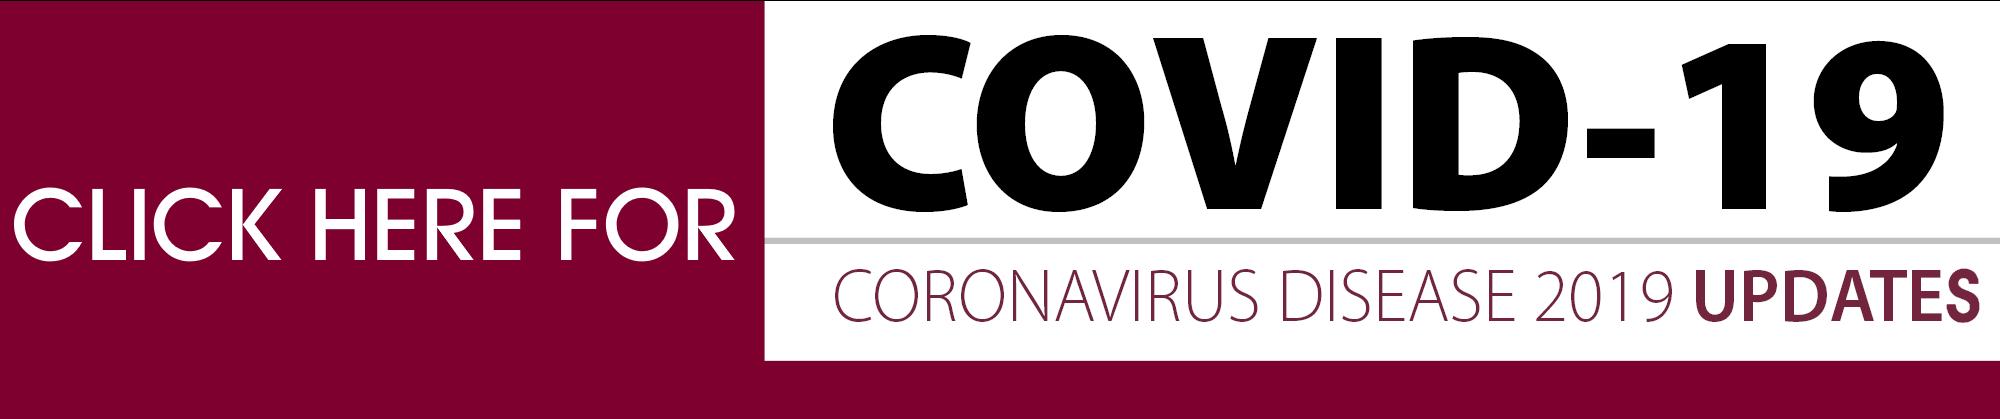 COVID-19 PRCA BANNER